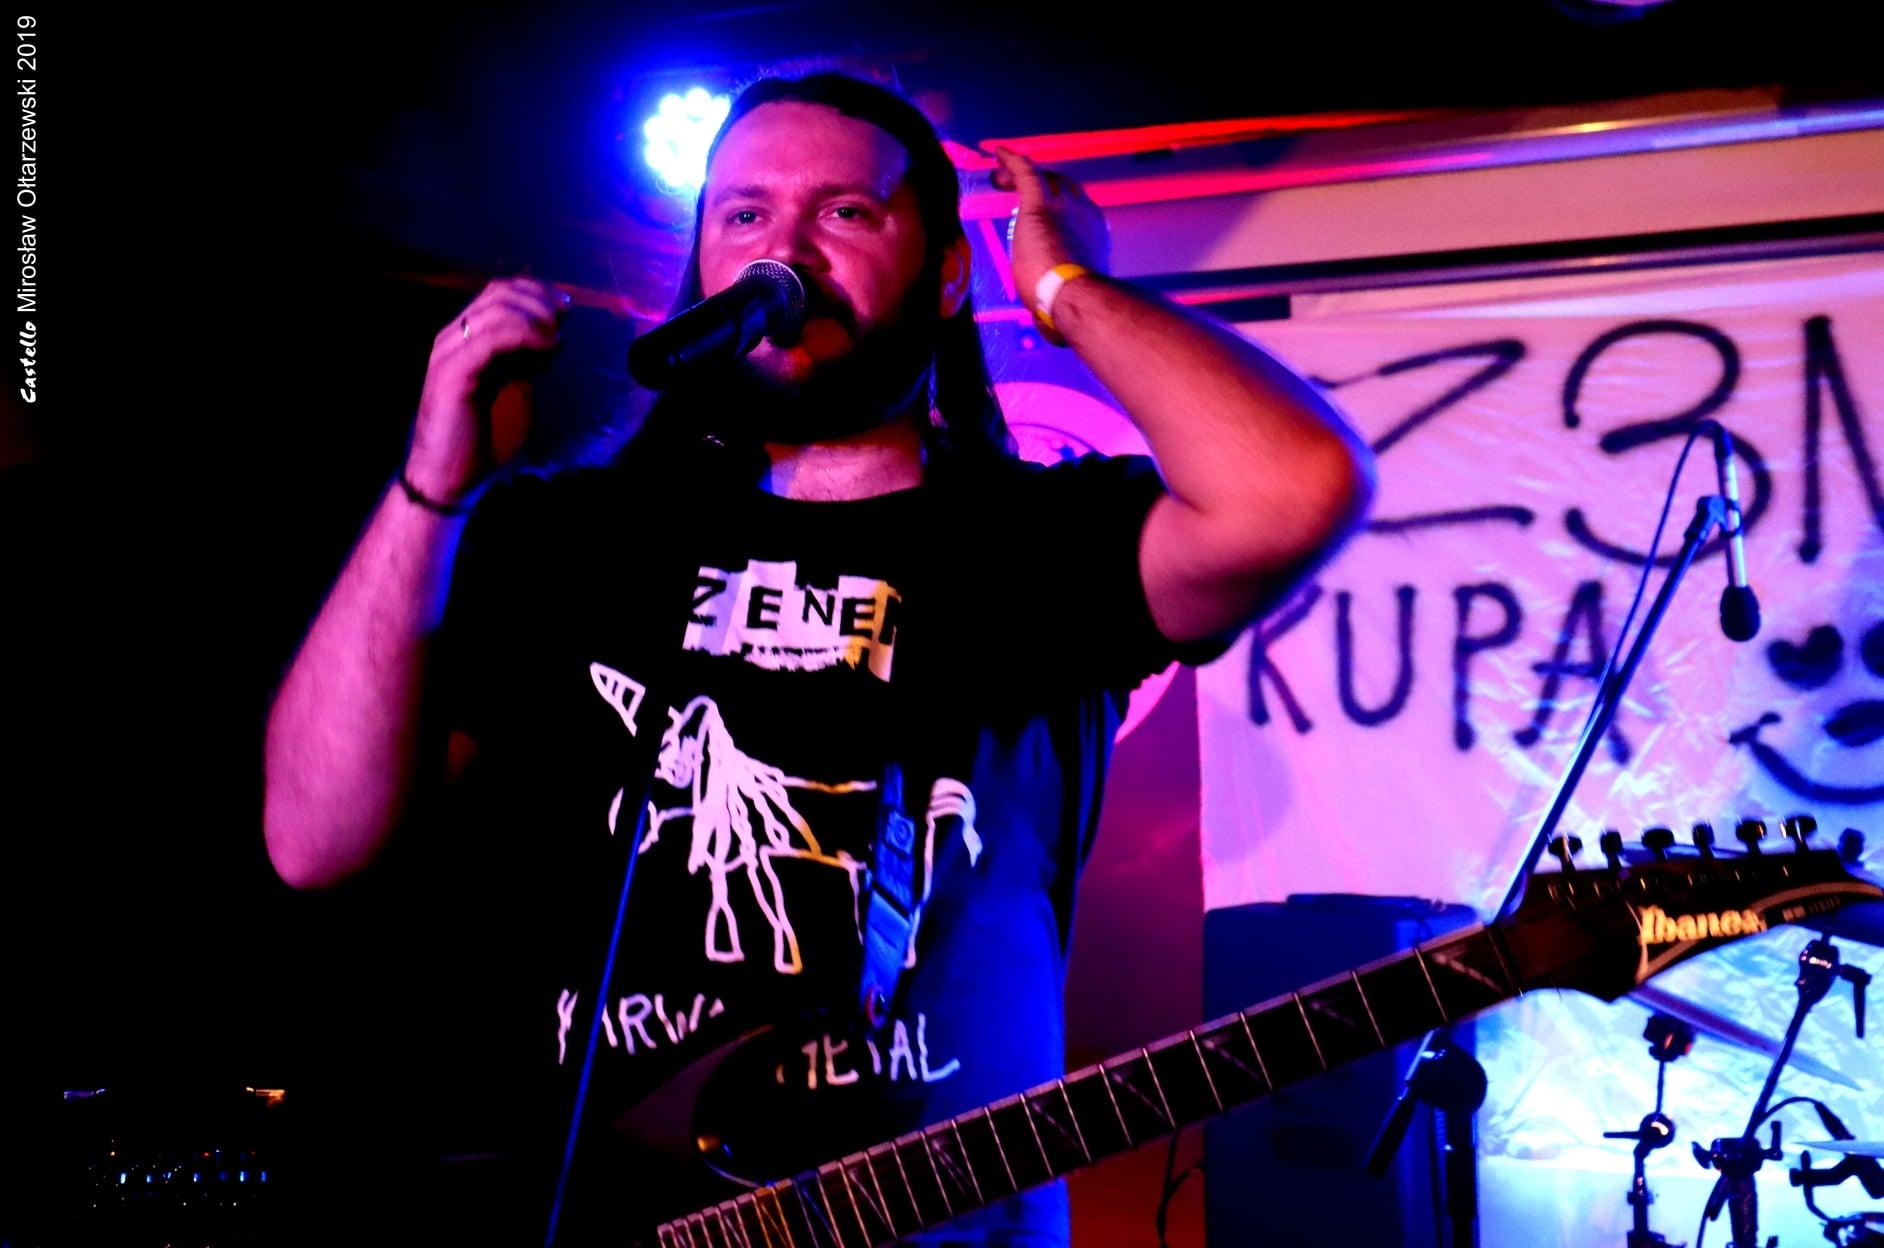 Zenek Kupatasa – fotorelacja z koncertu :)